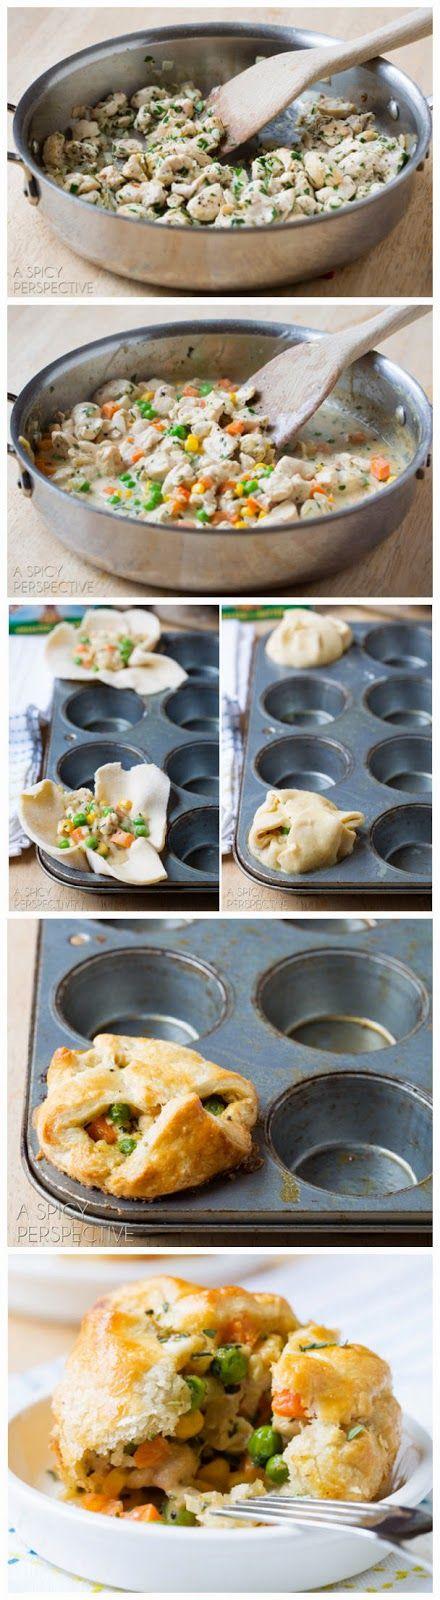 Best Chicken Pot Pie Recipe ~ toprecipeblog